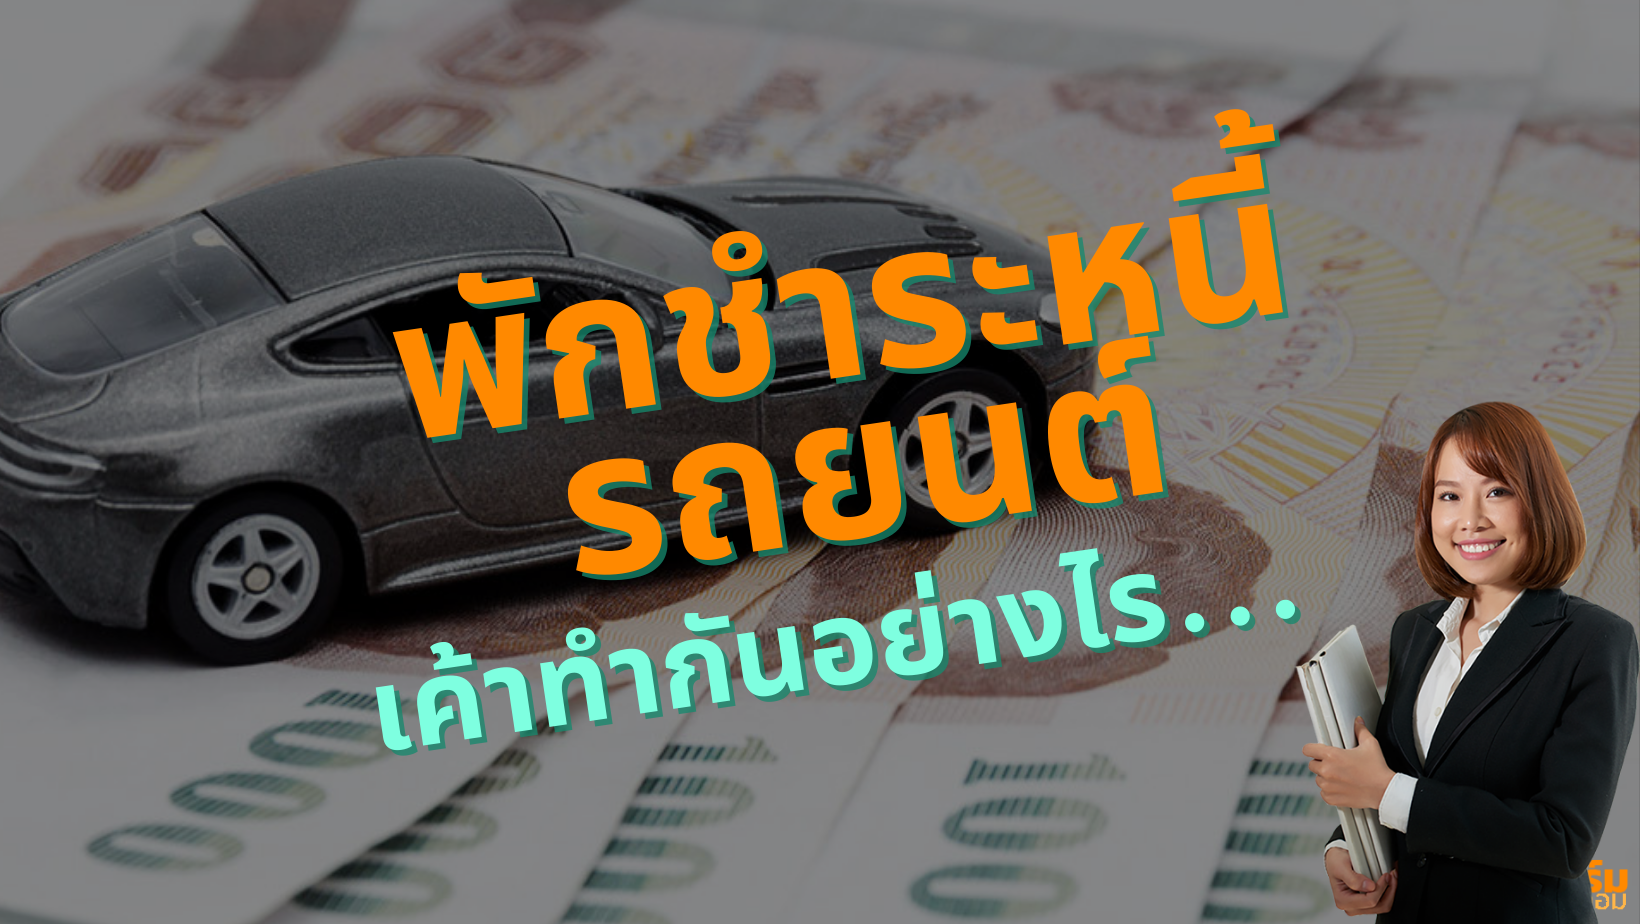 พักชำระหนี้ รถยนต์ คืออะไร